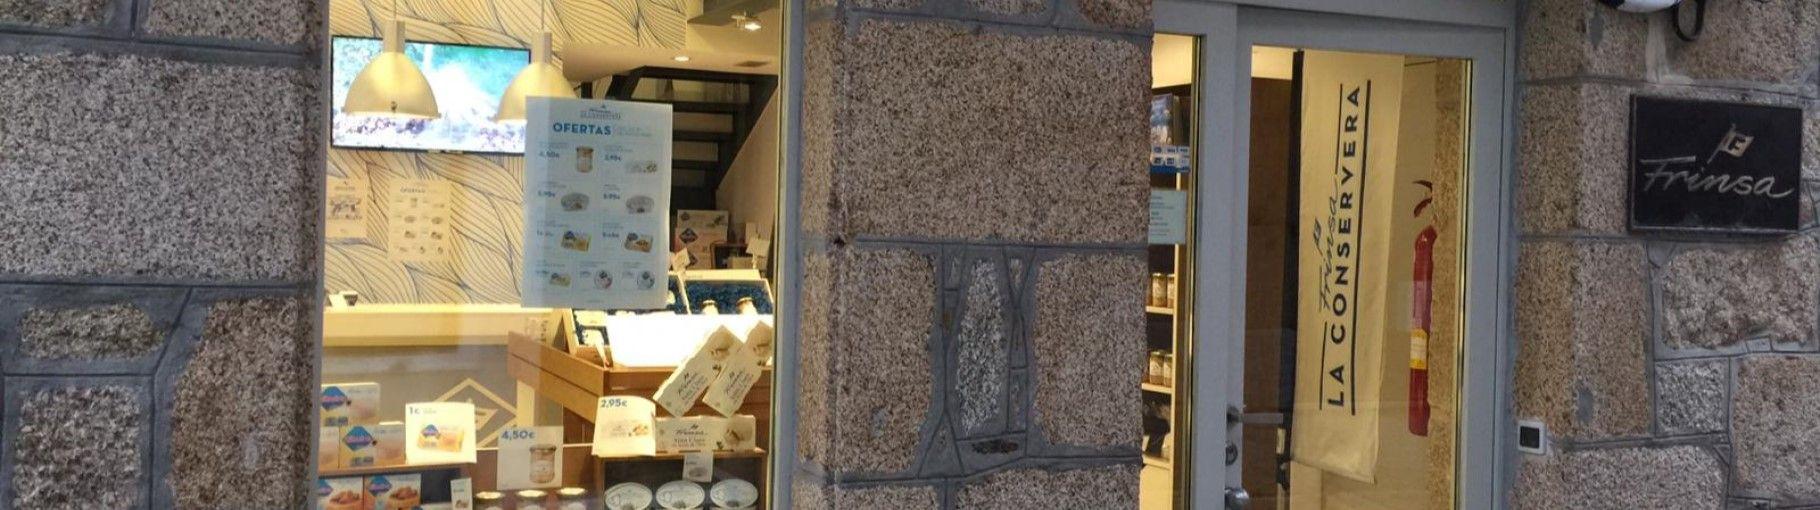 Tienda de conservas Frinsa en Ribeira Galicia